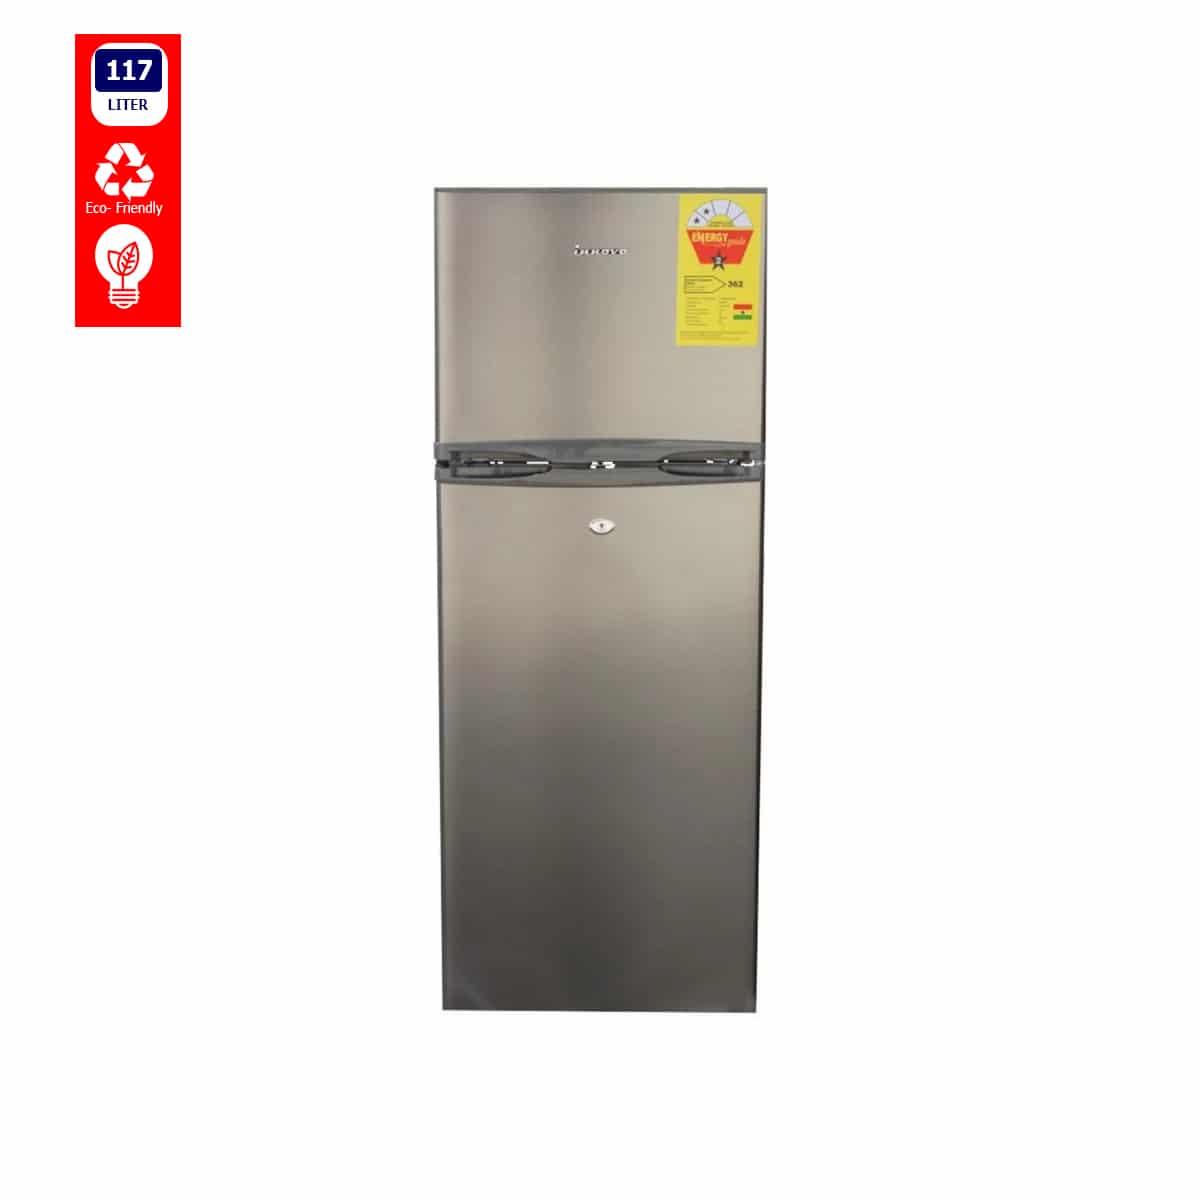 Innova-fridge-117-Liter-Top-freezer-Double-door-scaled